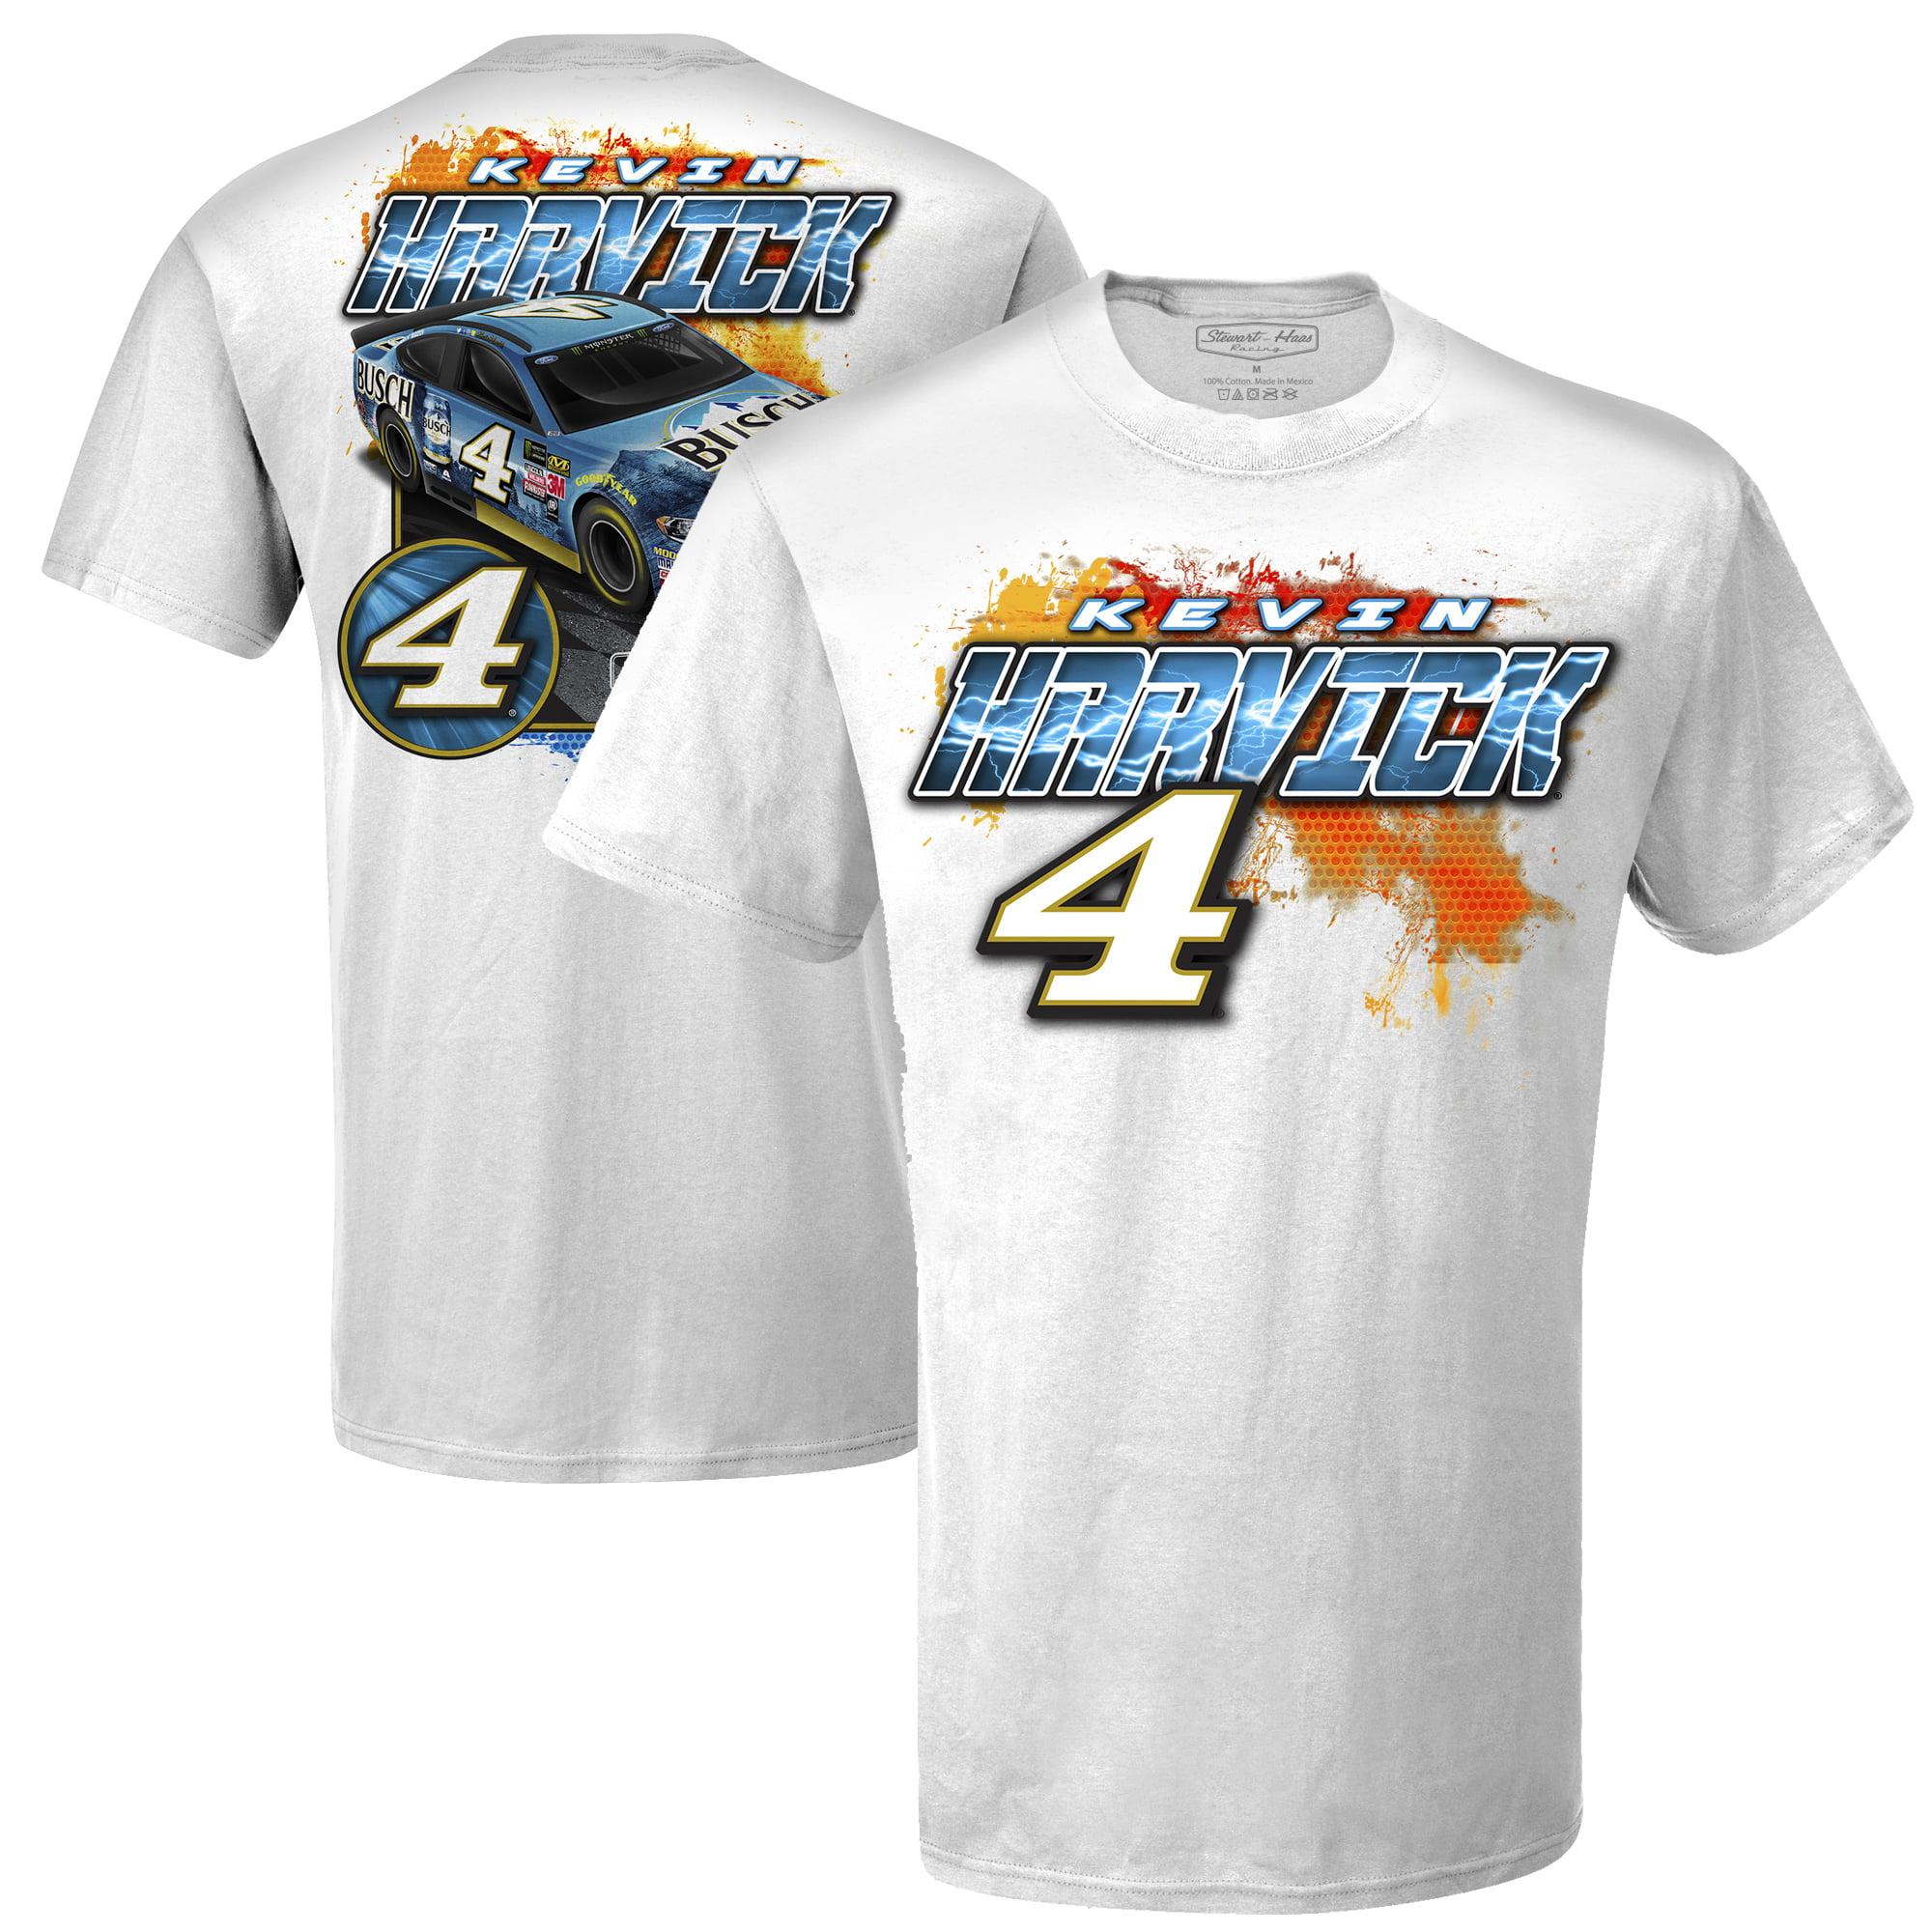 Kevin Harvick Carbon Fiber T-Shirt - White